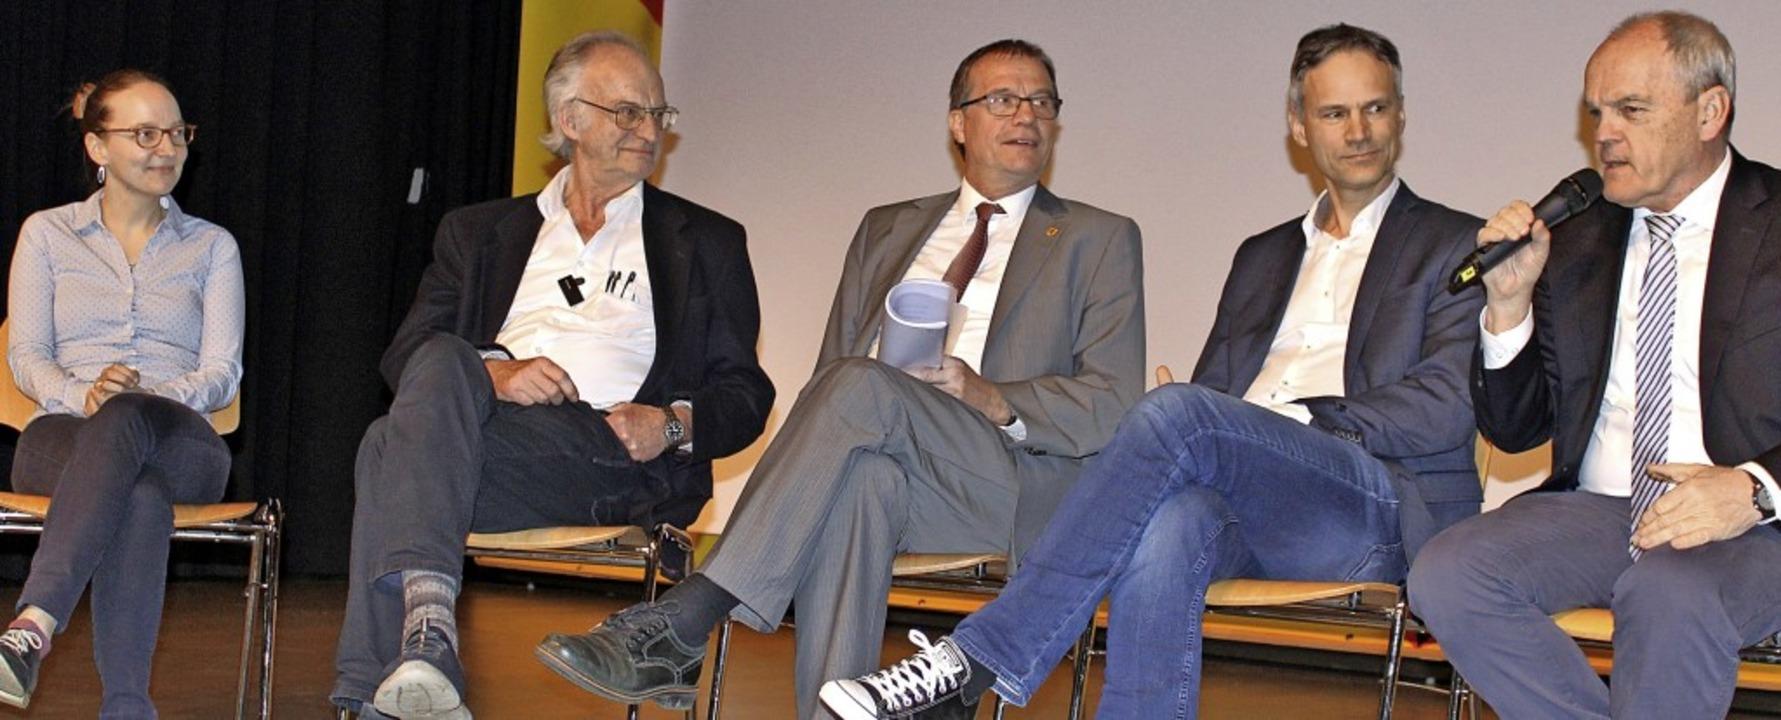 Über die  Versorgung sprachen  Ellen H...mann und Johannes Fechner (von links).  | Foto: Rolf Reißmann